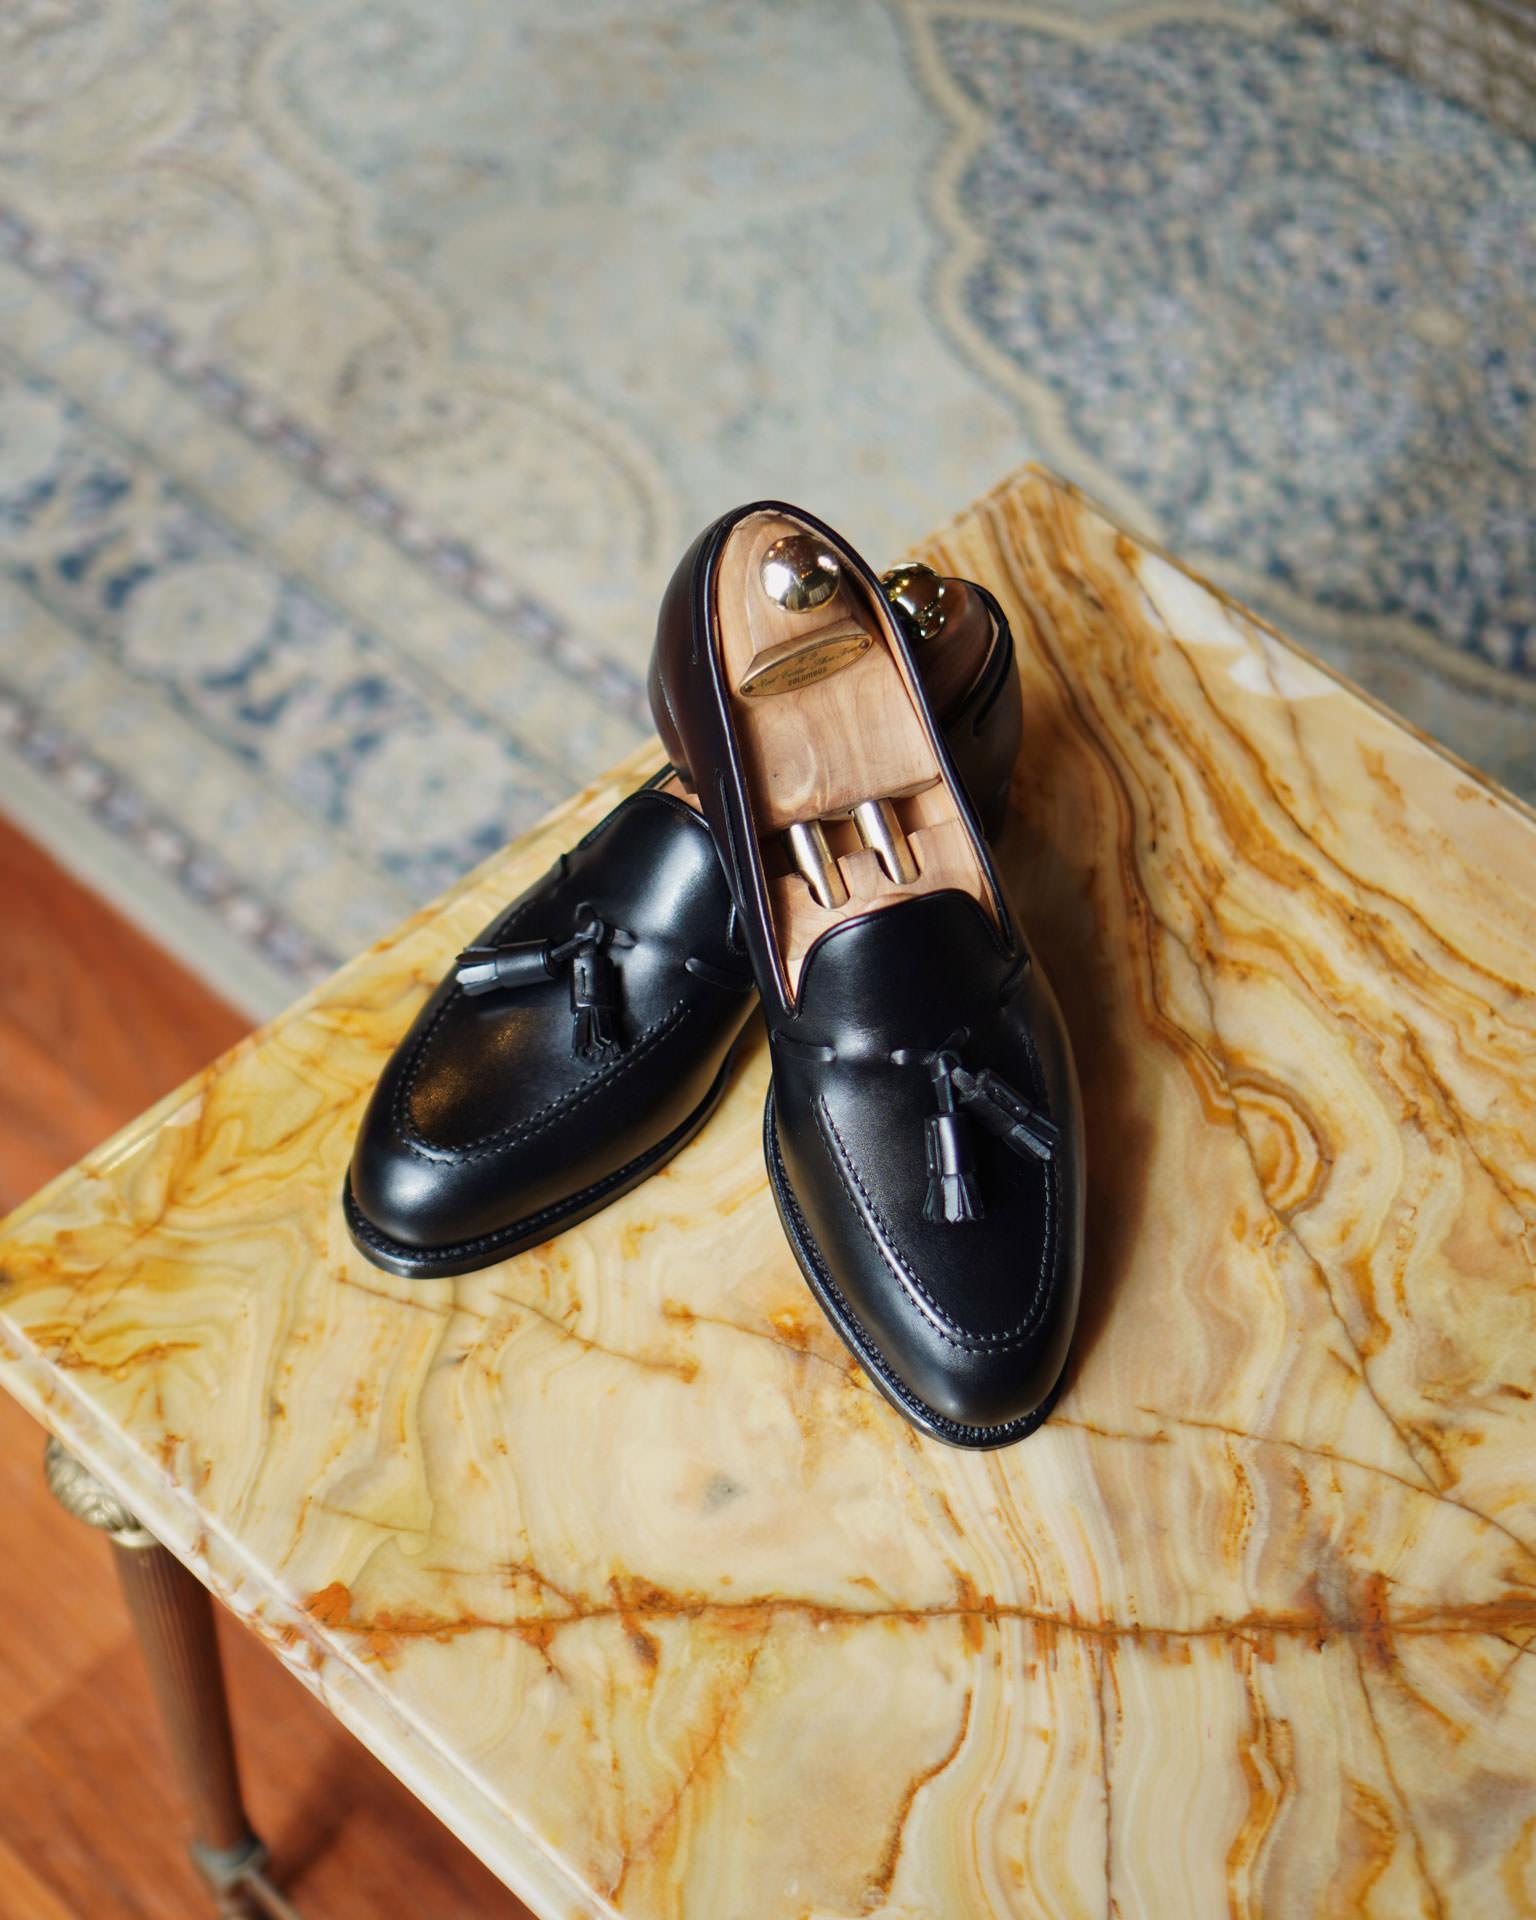 รองเท้า Tassel Loafers หนังสีดำ